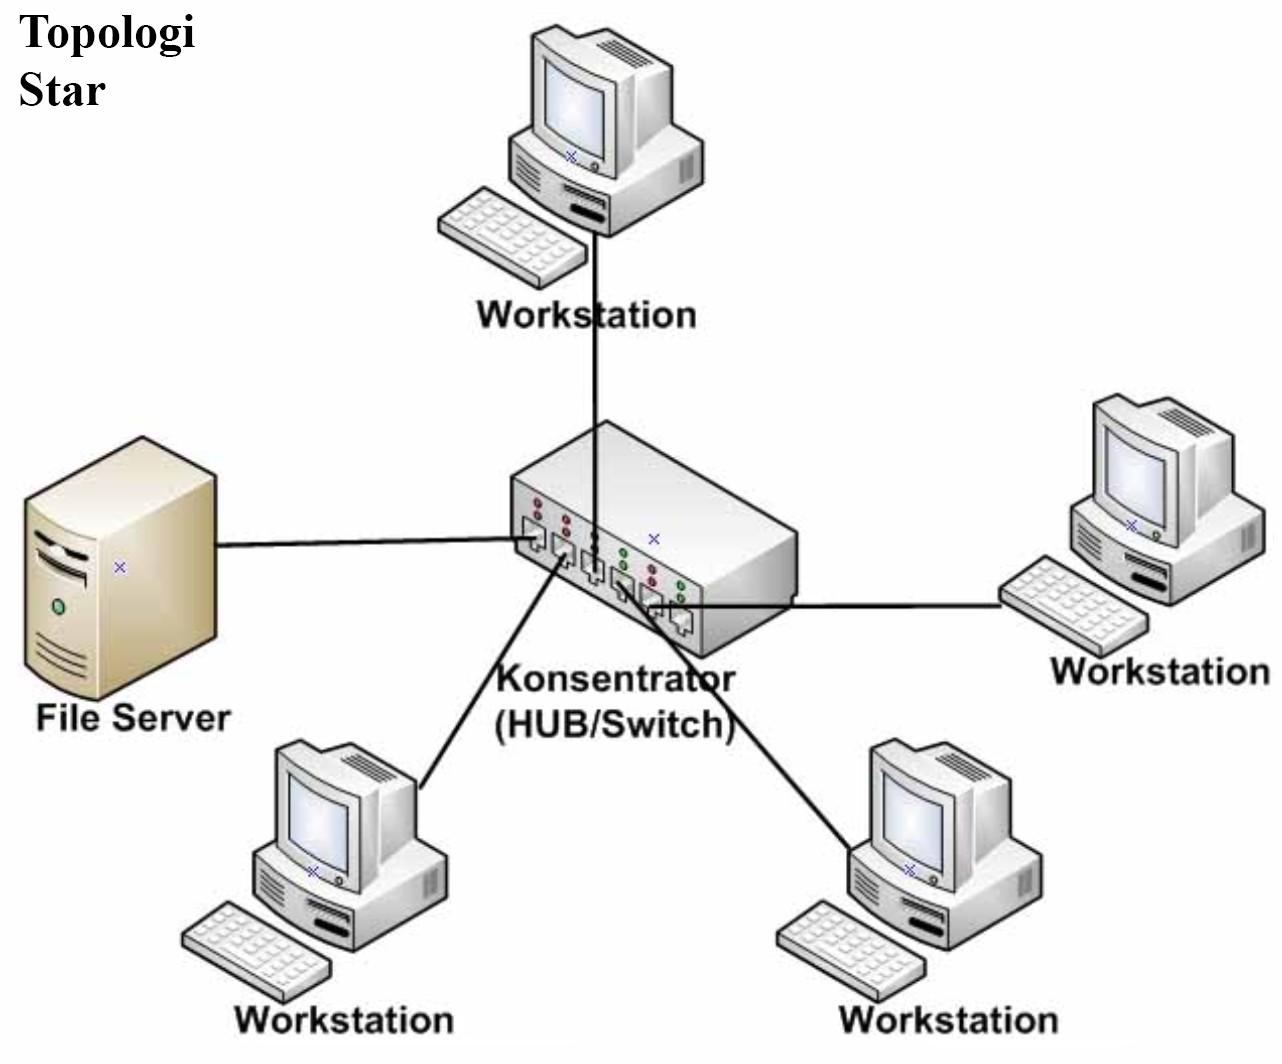 8 topologi jaringan komputer lengkap kelebihan dan kekurangannya topologi jaringan star ccuart Gallery